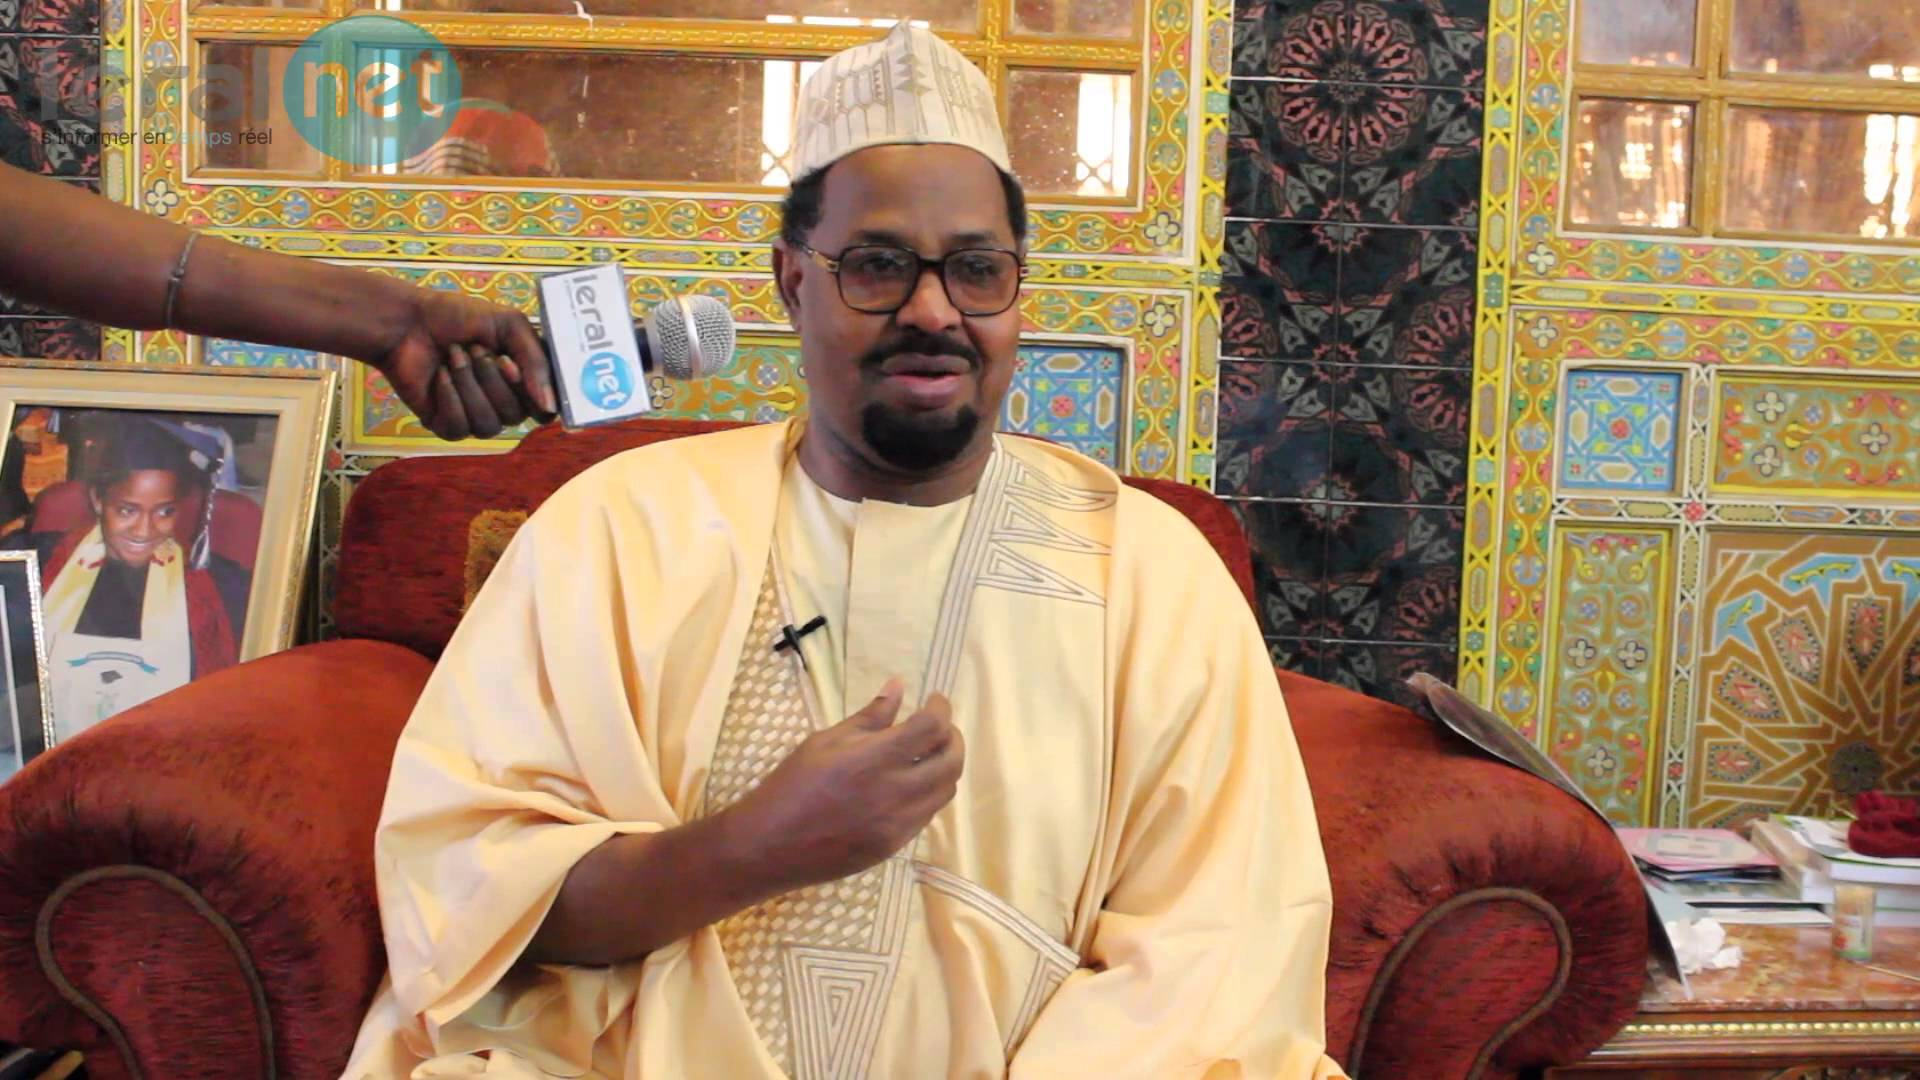 Pour Ahmed Khalifa Niasse, il  est de notoriété publique que les Etrangers qui séjournent au Sénégal à différents titres, y compris les diplomates, doivent s'abstenir de toute ingérence dans la politique intérieure du pays.